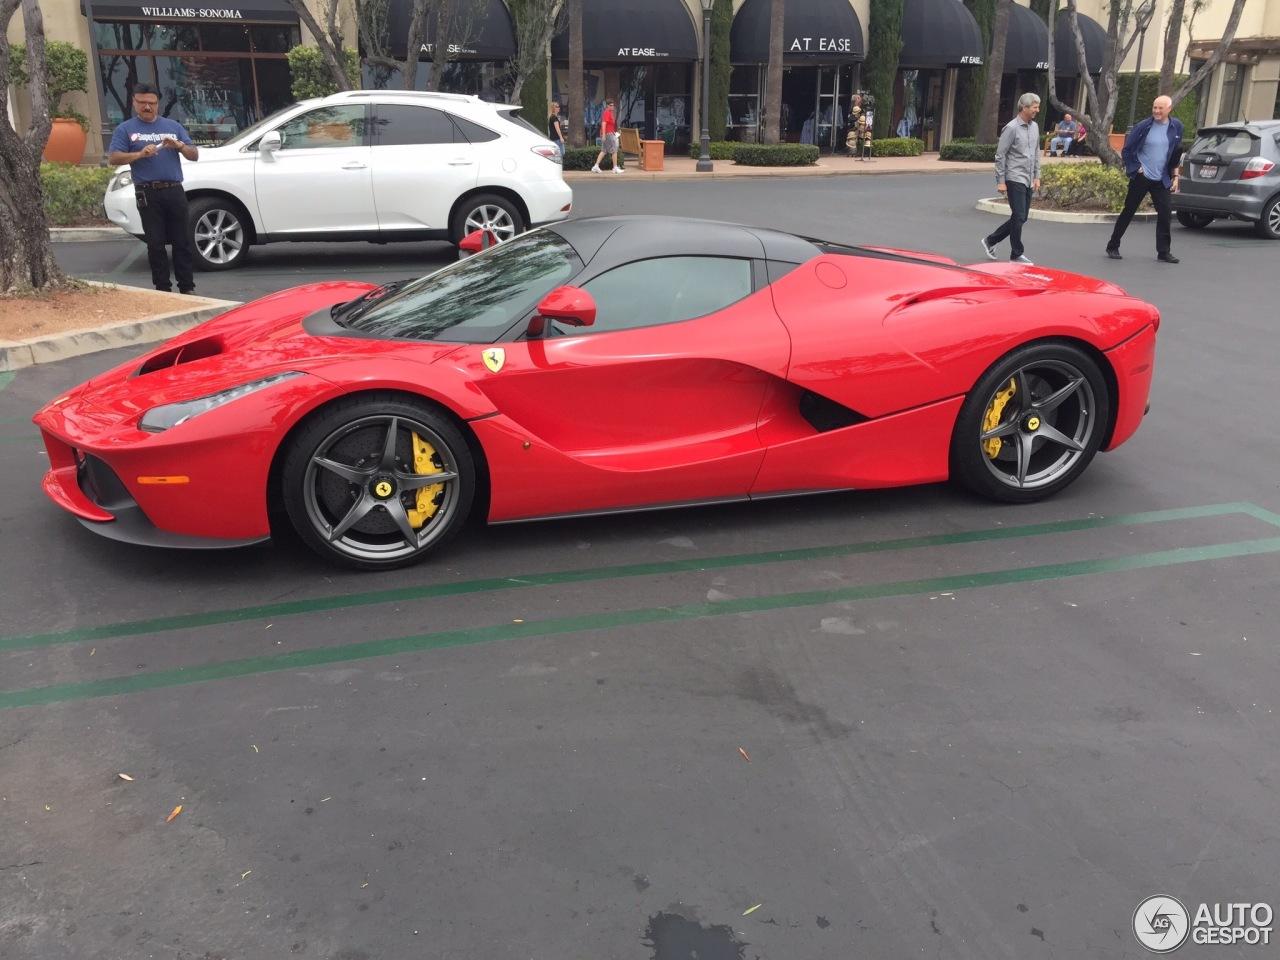 b803b9989f5a7 Ferrari LaFerrari - 20 January 2016 - Autogespot